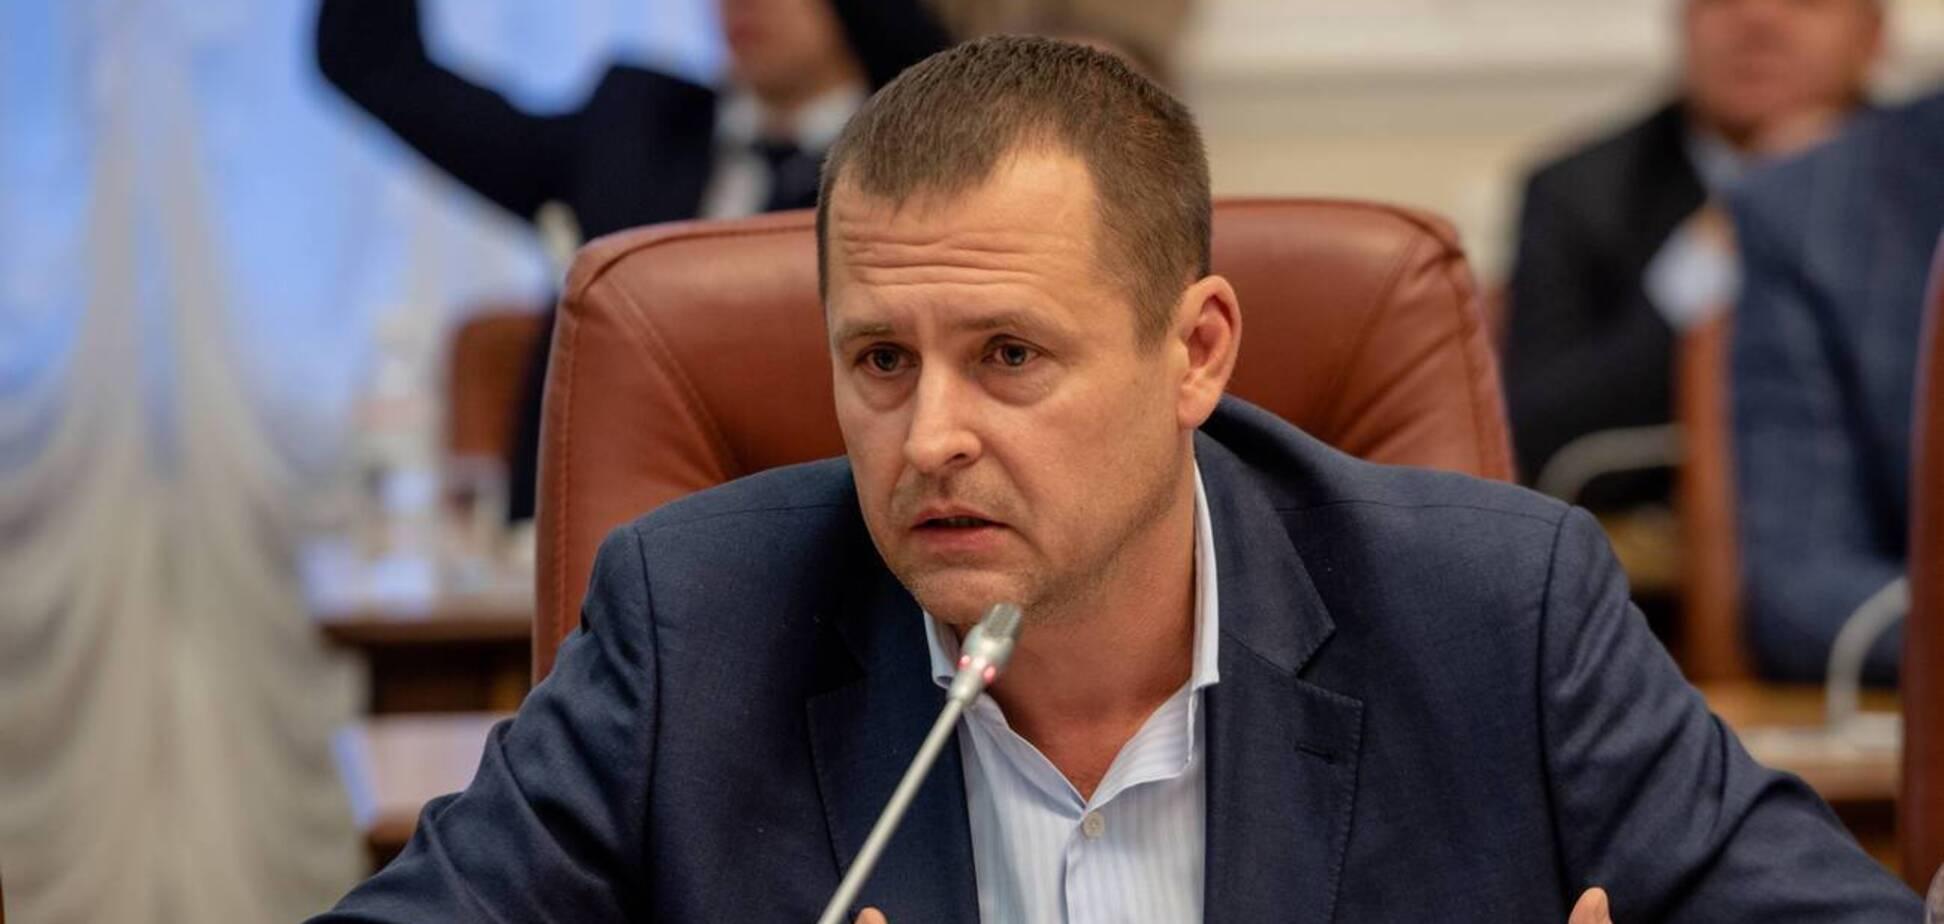 Україна потребує представництва територіальних громад в парламенті, – Філатов